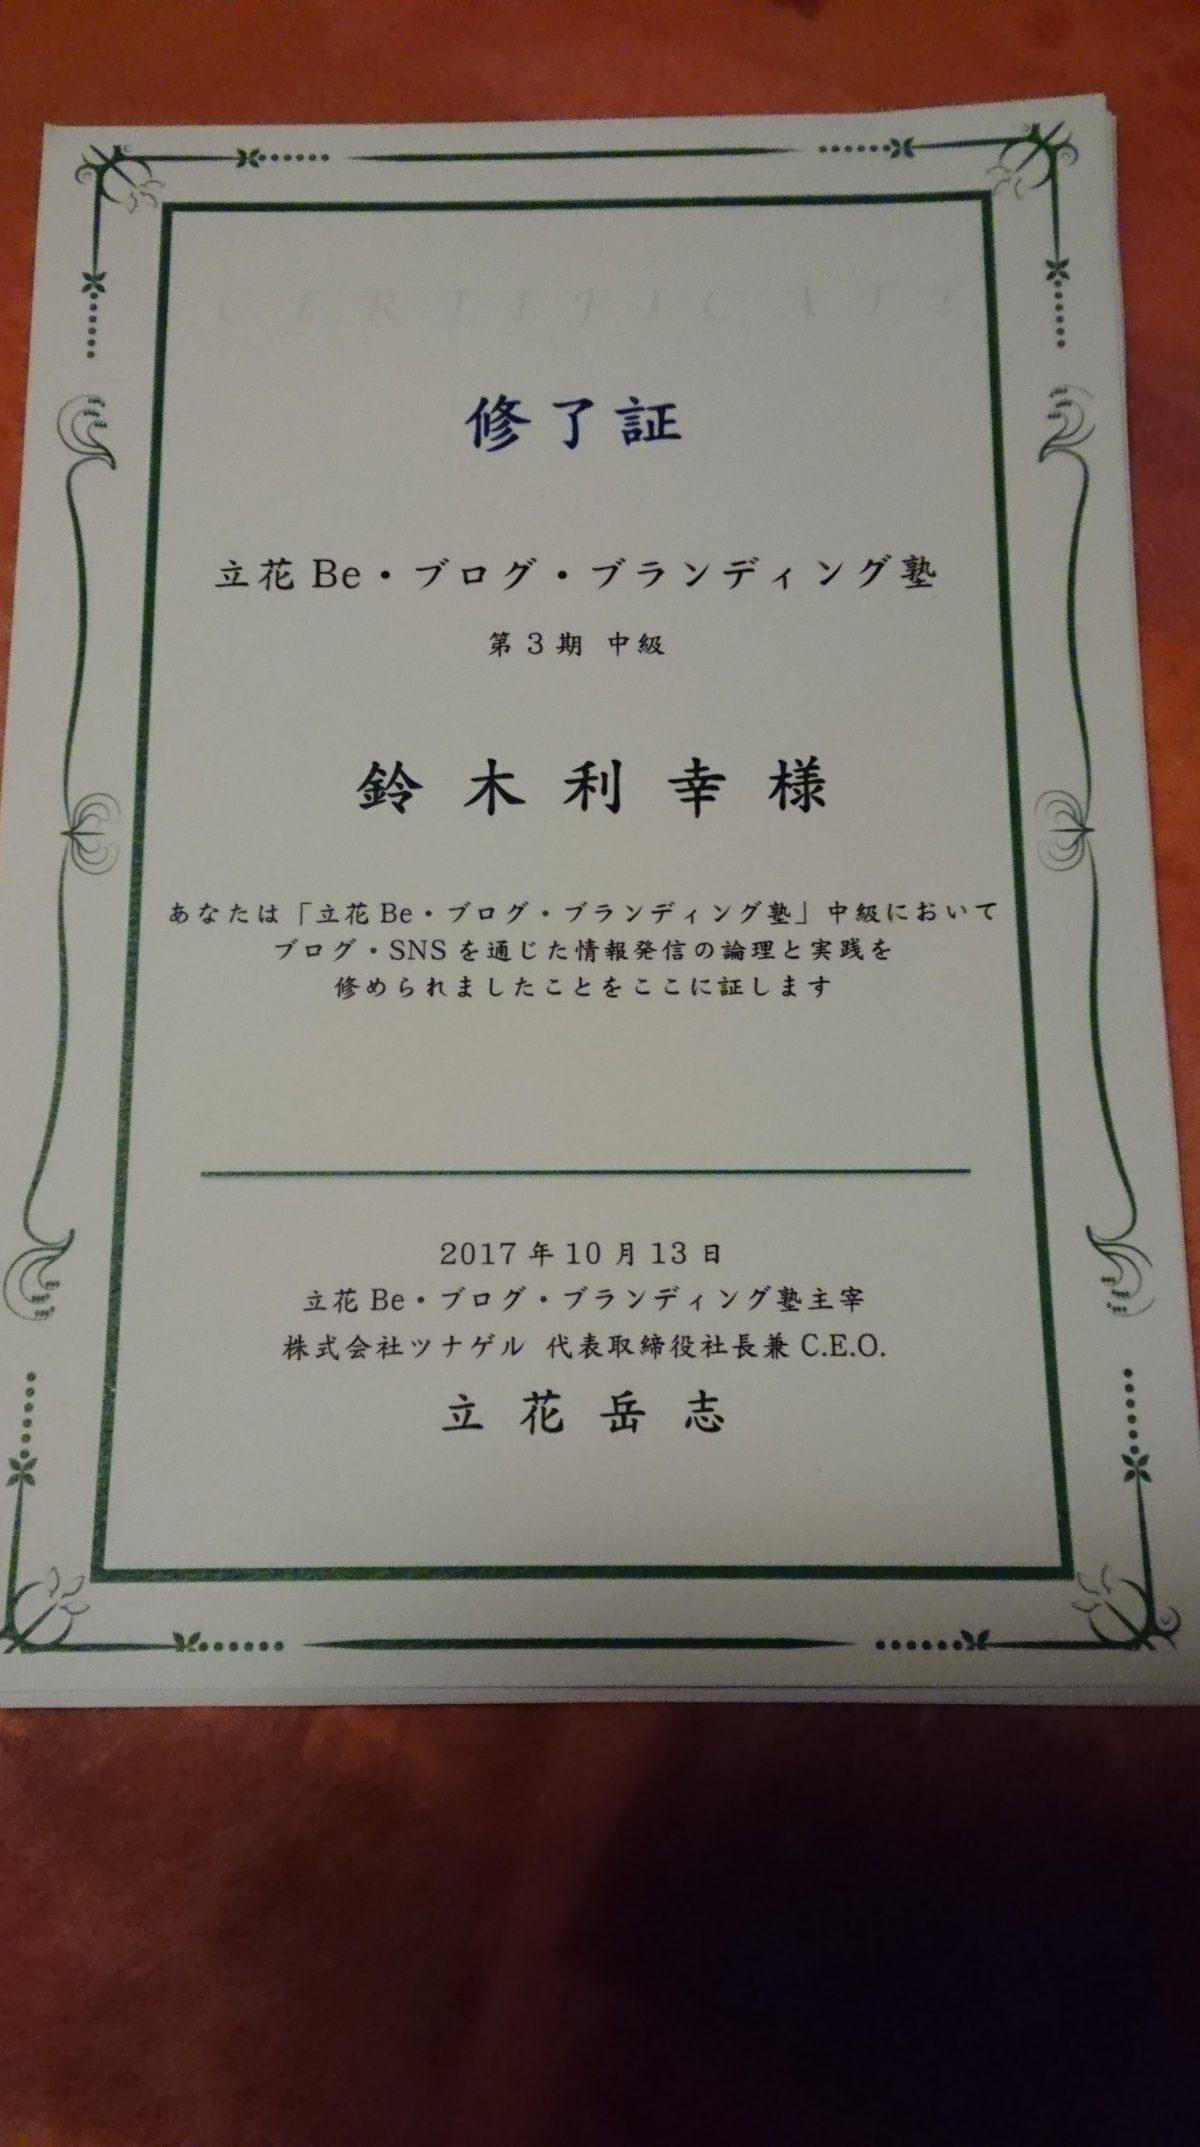 立花Be・ブログ・ブランディング塾 第3期中級 修了